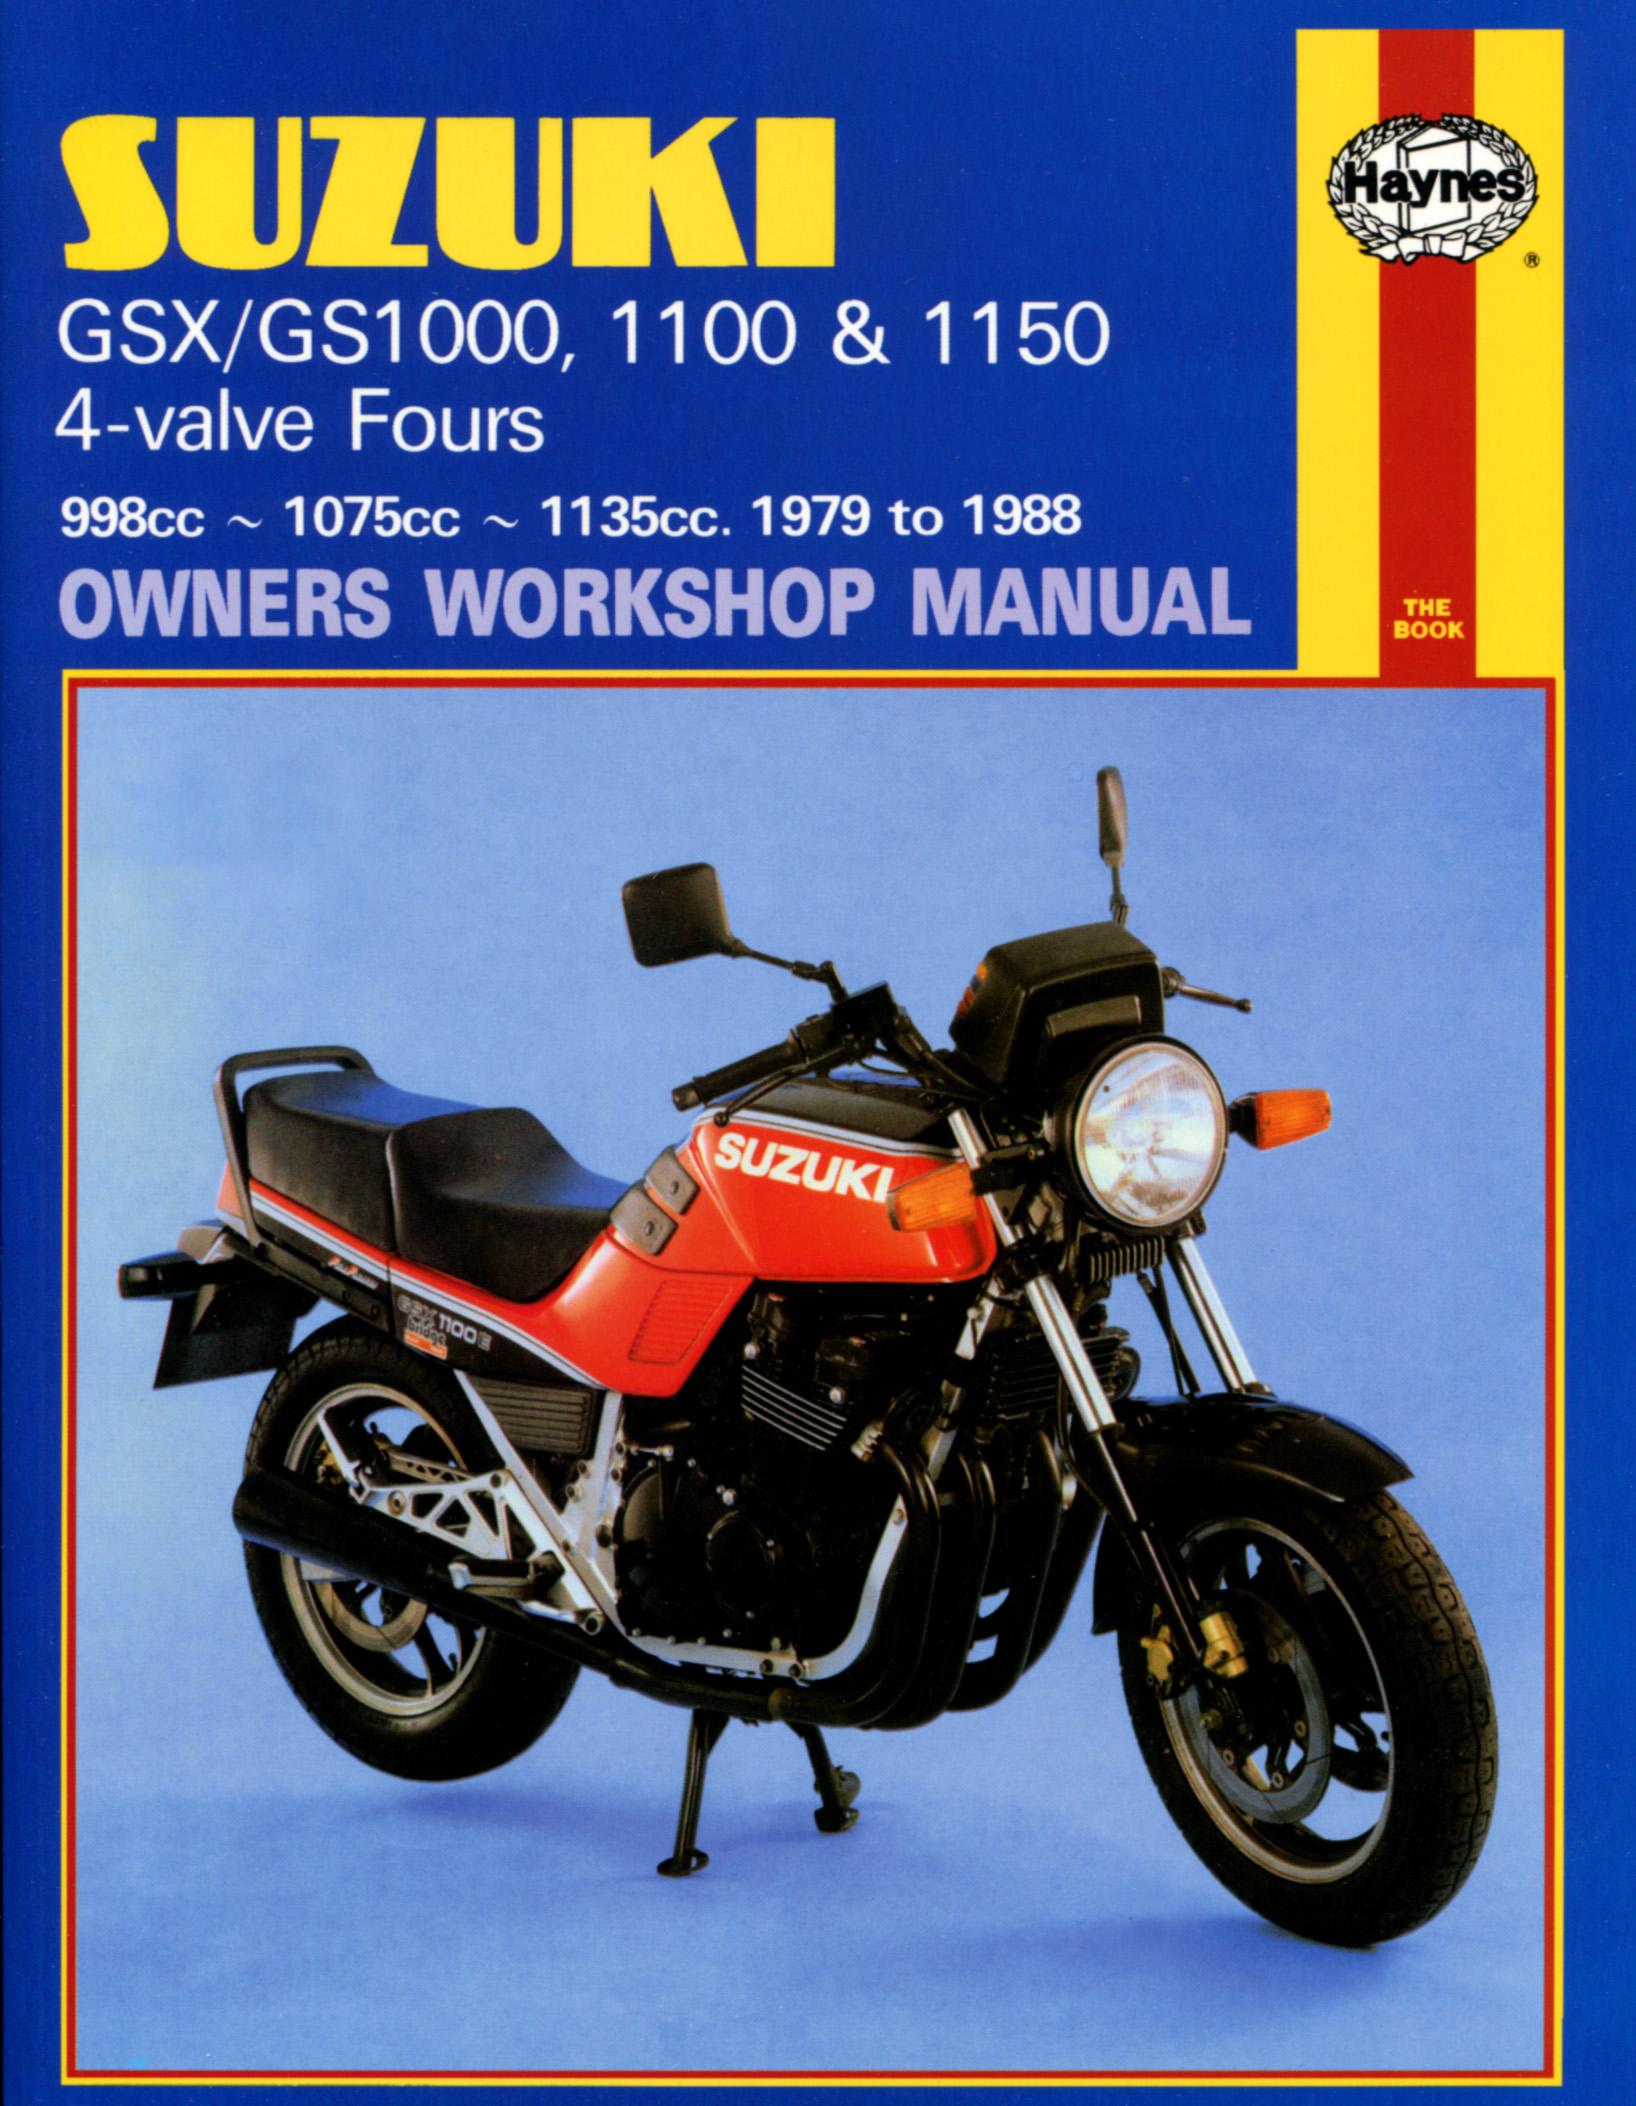 79 Suzuki Gs1000 Wiring Diagram Free Download Wiring Diagram